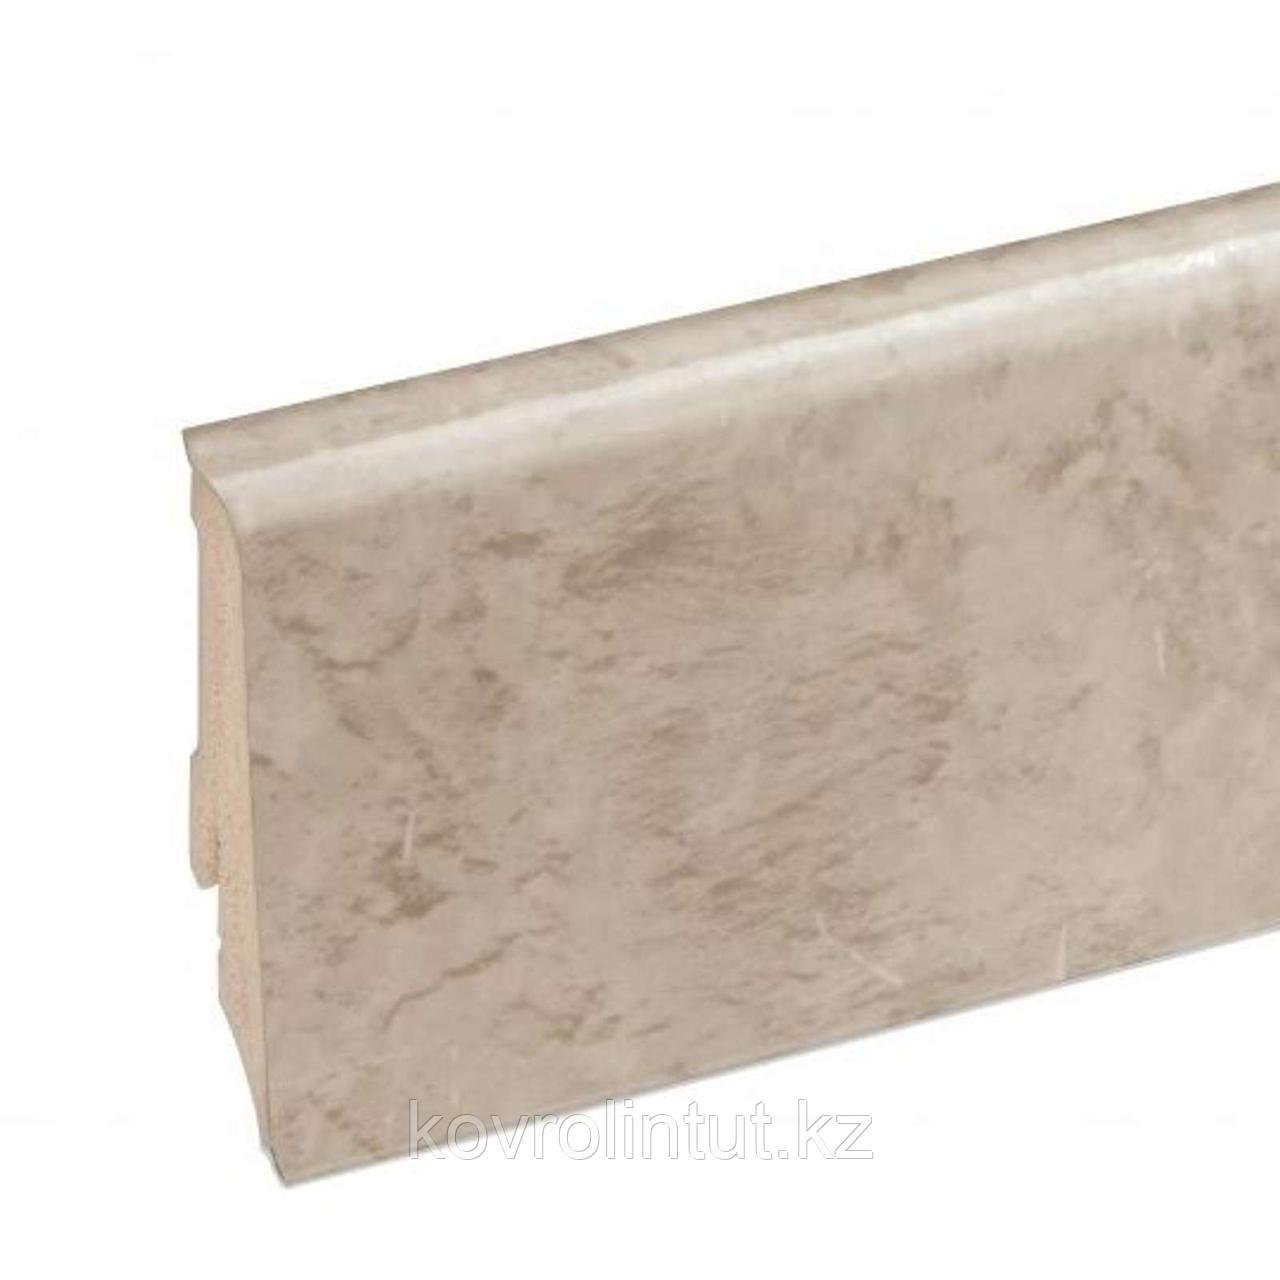 Плинтус композитный для LVT Neuhofer Holz, K0210L, 714474, 2400х59х17 мм